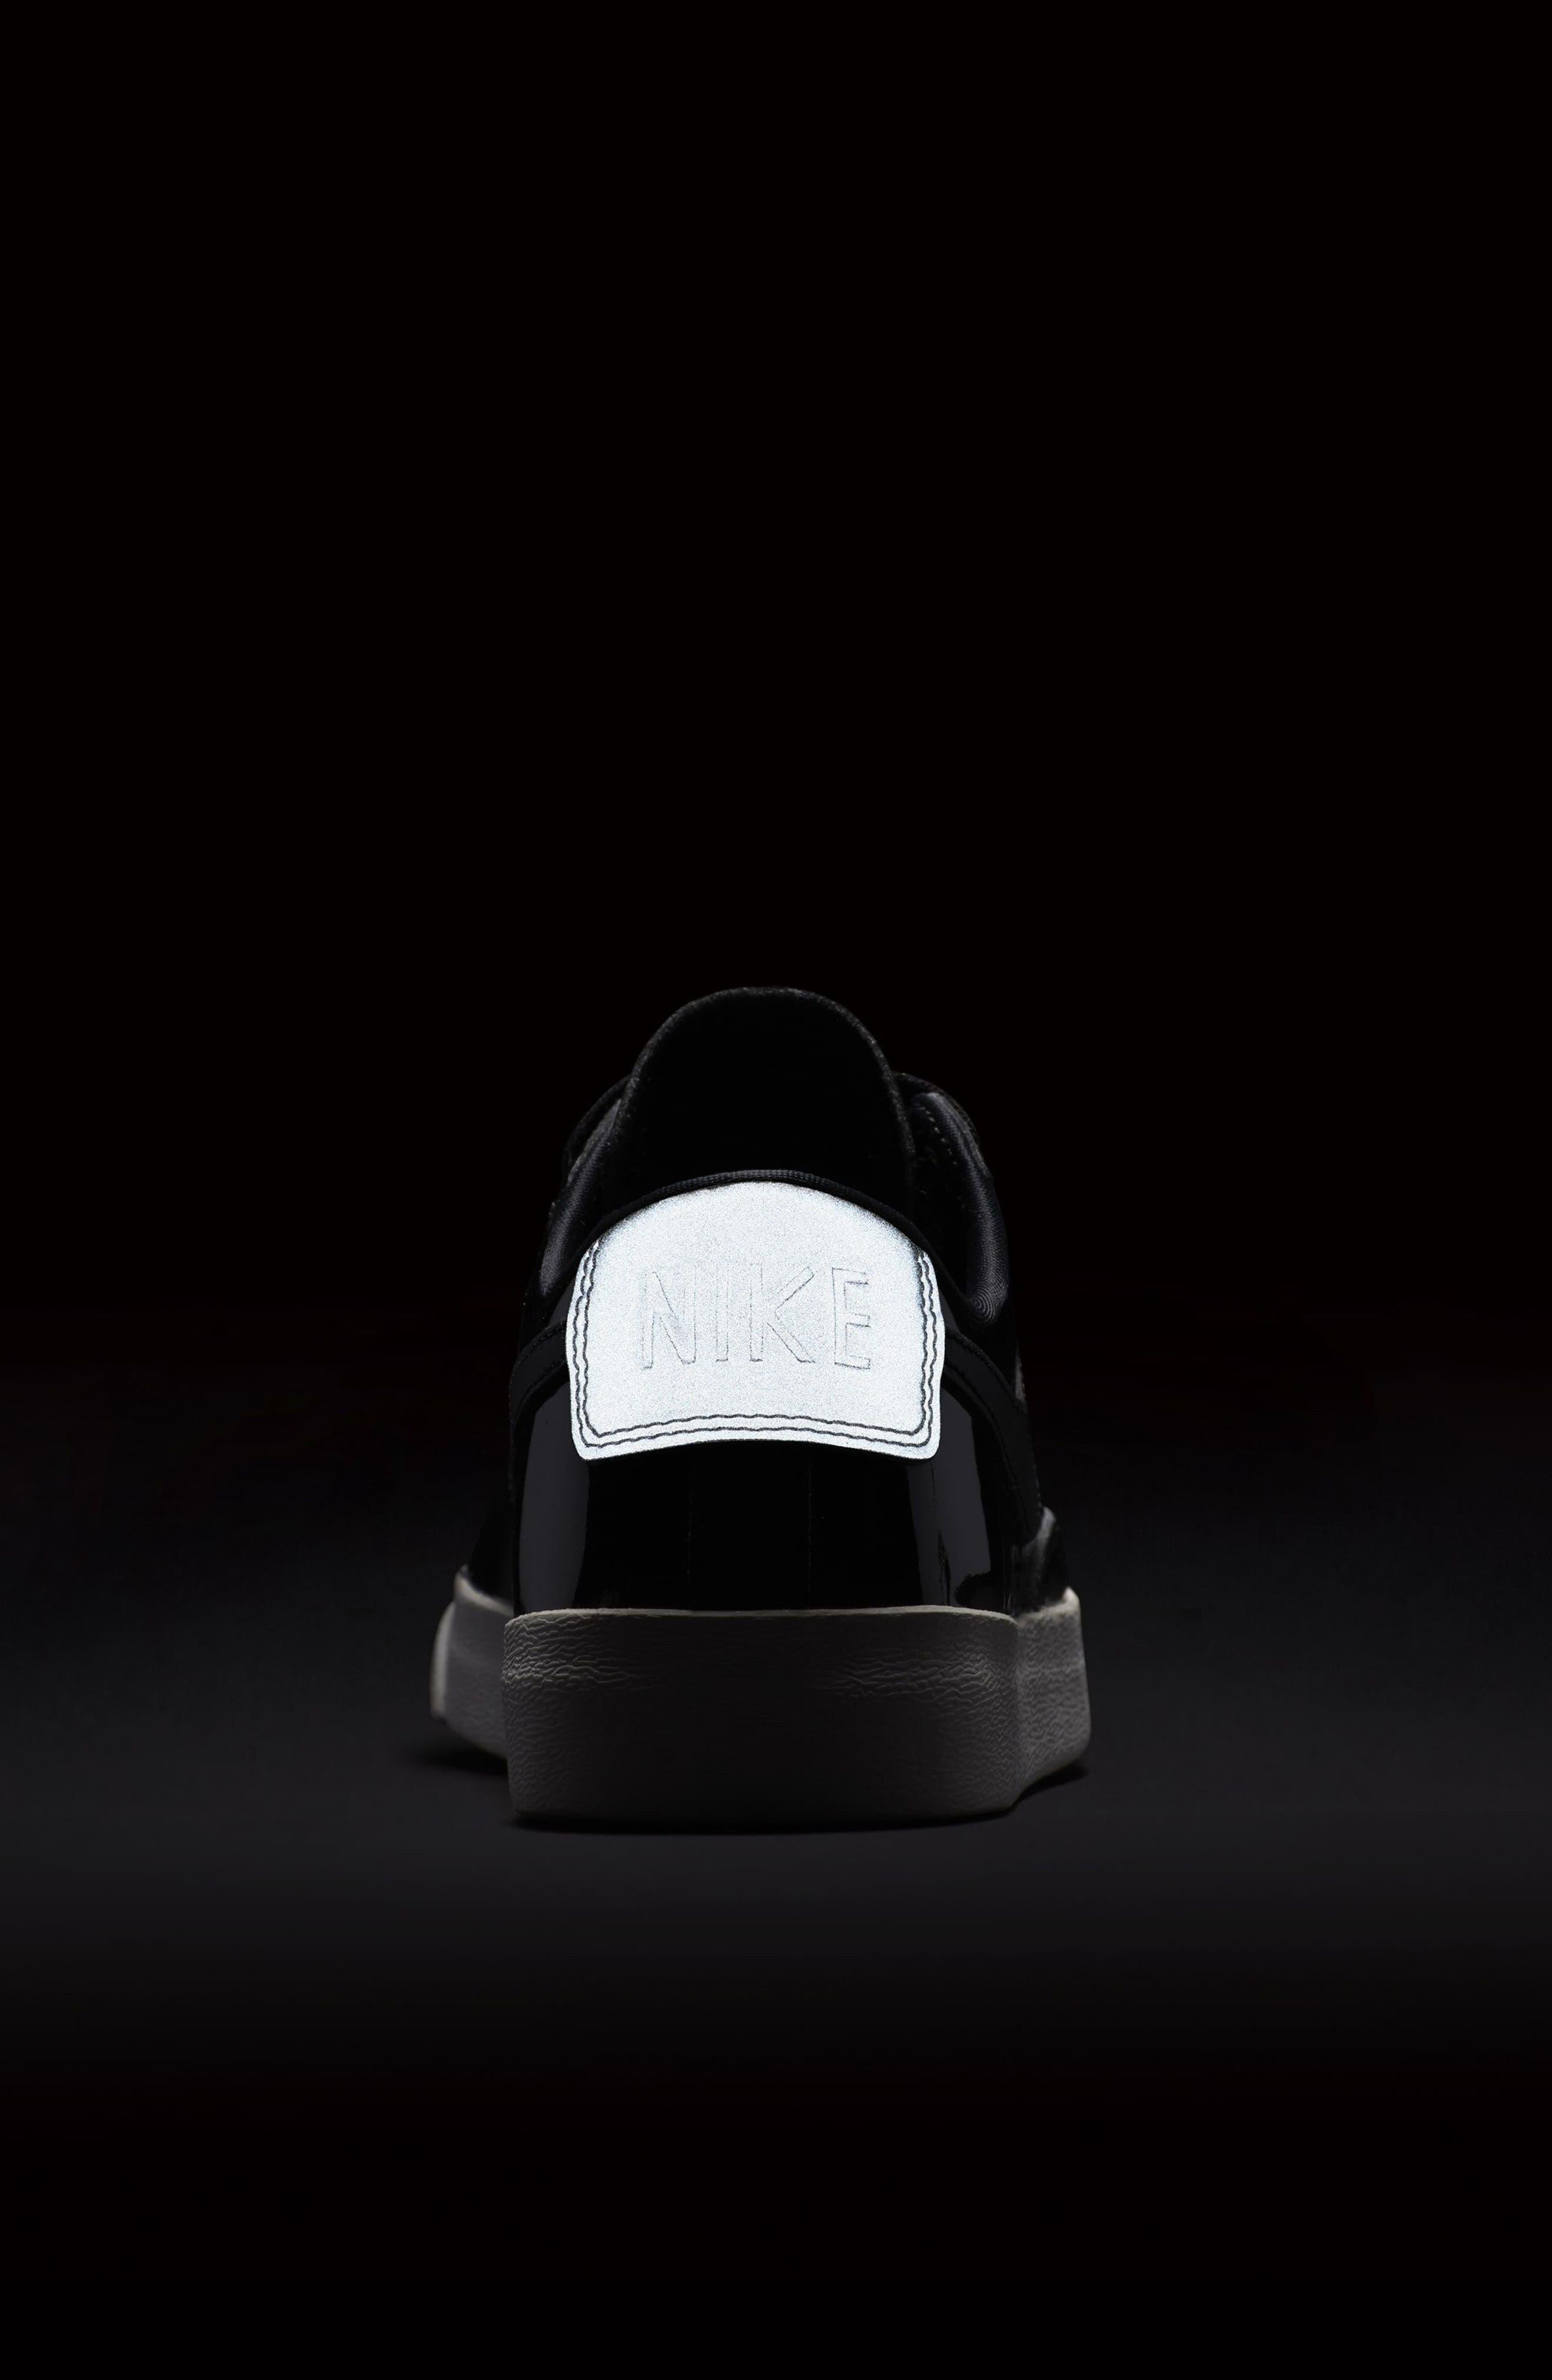 Blazer Low Top Sneaker SE,                             Alternate thumbnail 8, color,                             Black/ Black Reflect Silver